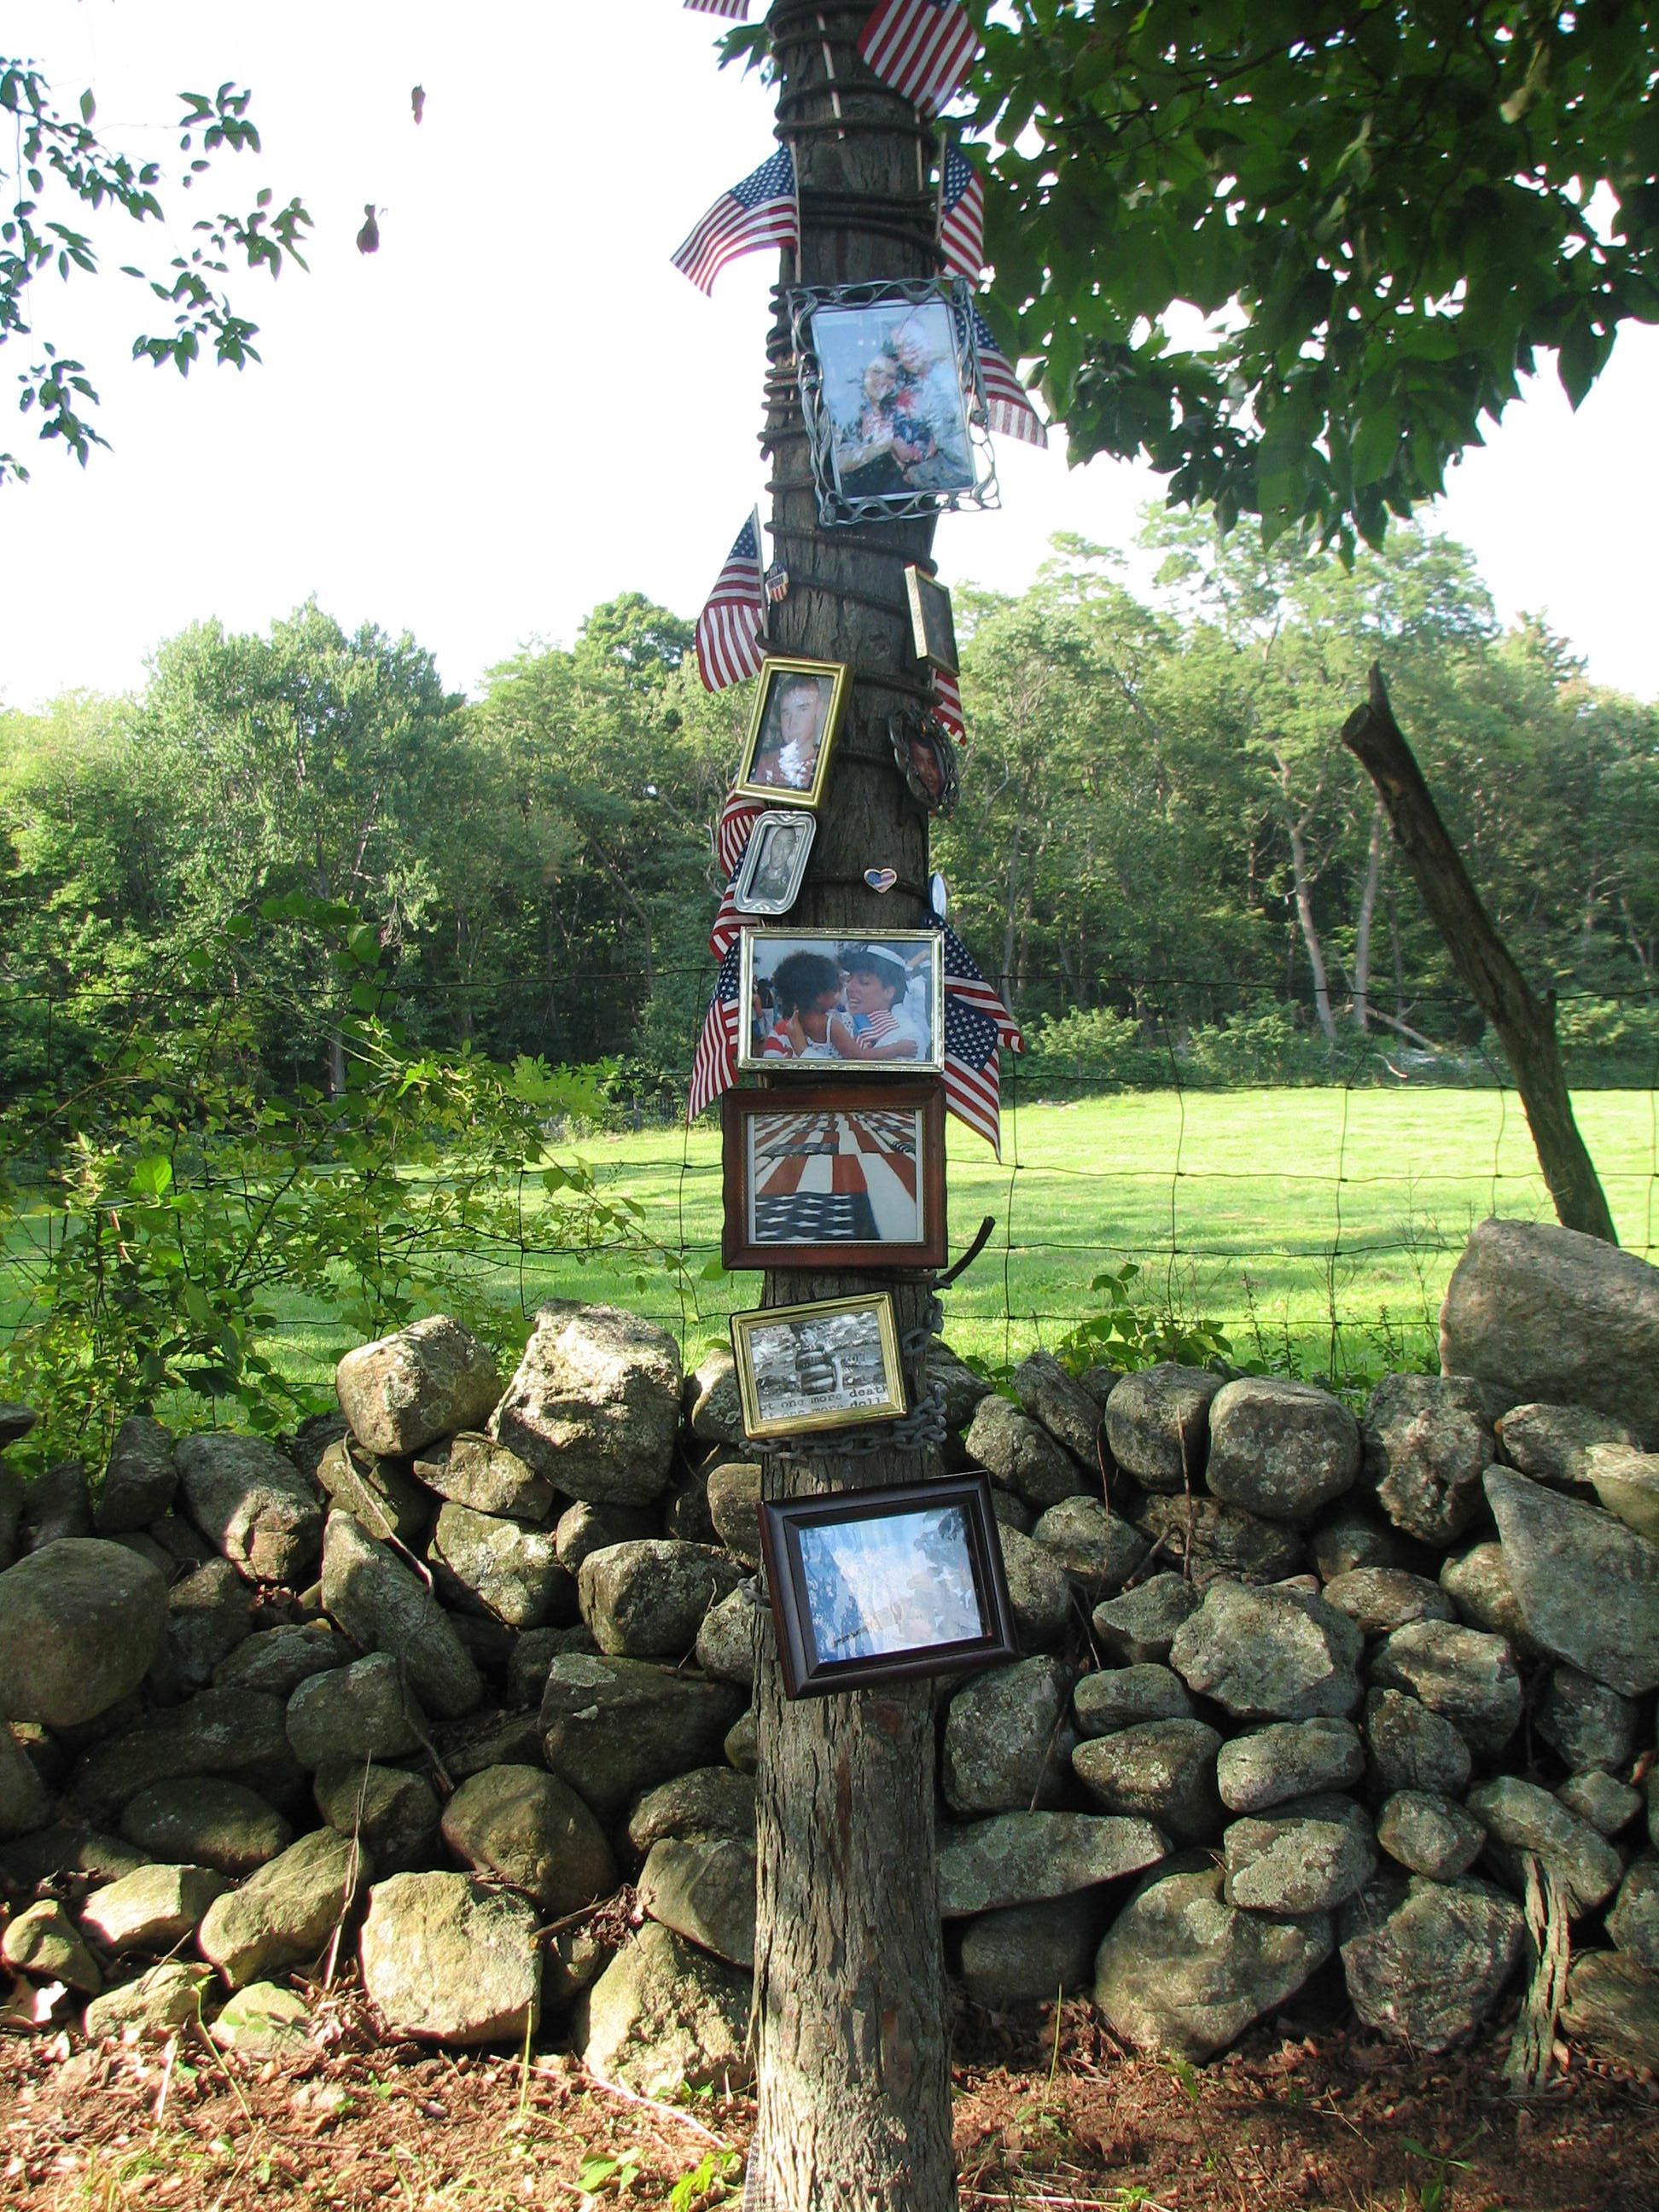 Iraq War 1 Tree portraits&Flags.jpg